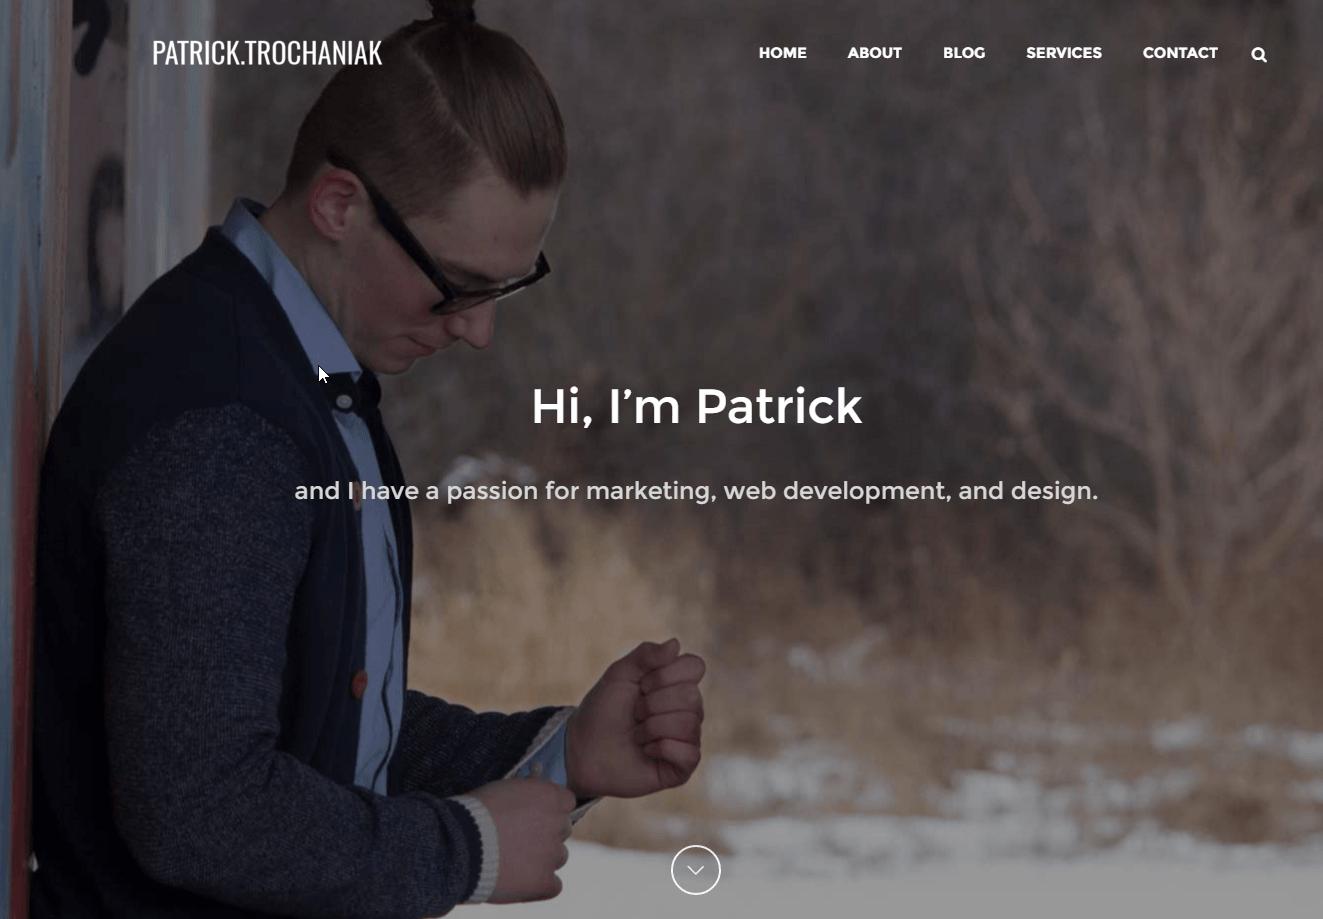 Patrick Trochaniak